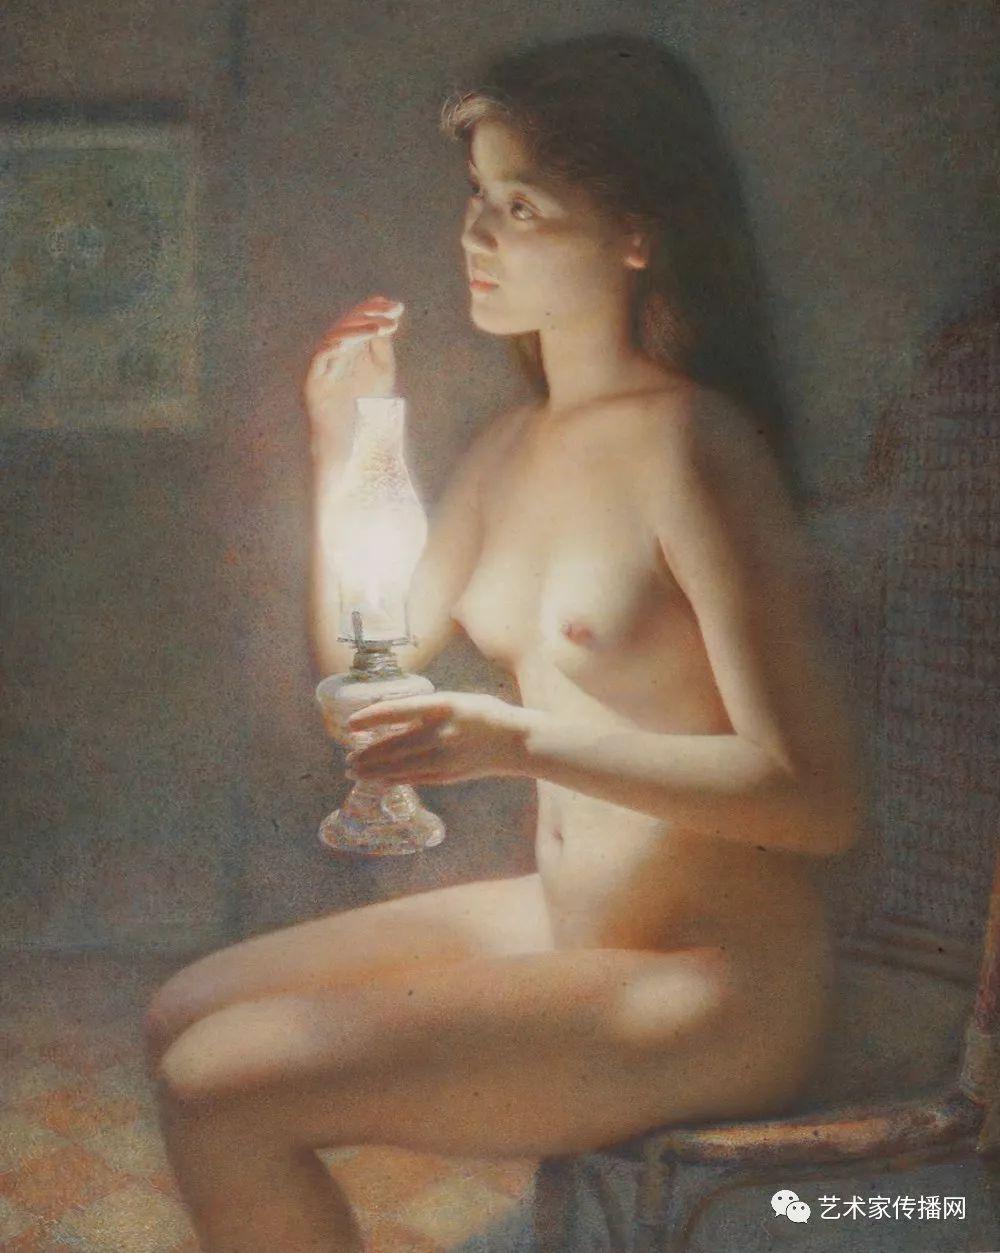 他只画老油灯空瓶子和女人体,却惊艳了整个画坛!插图65